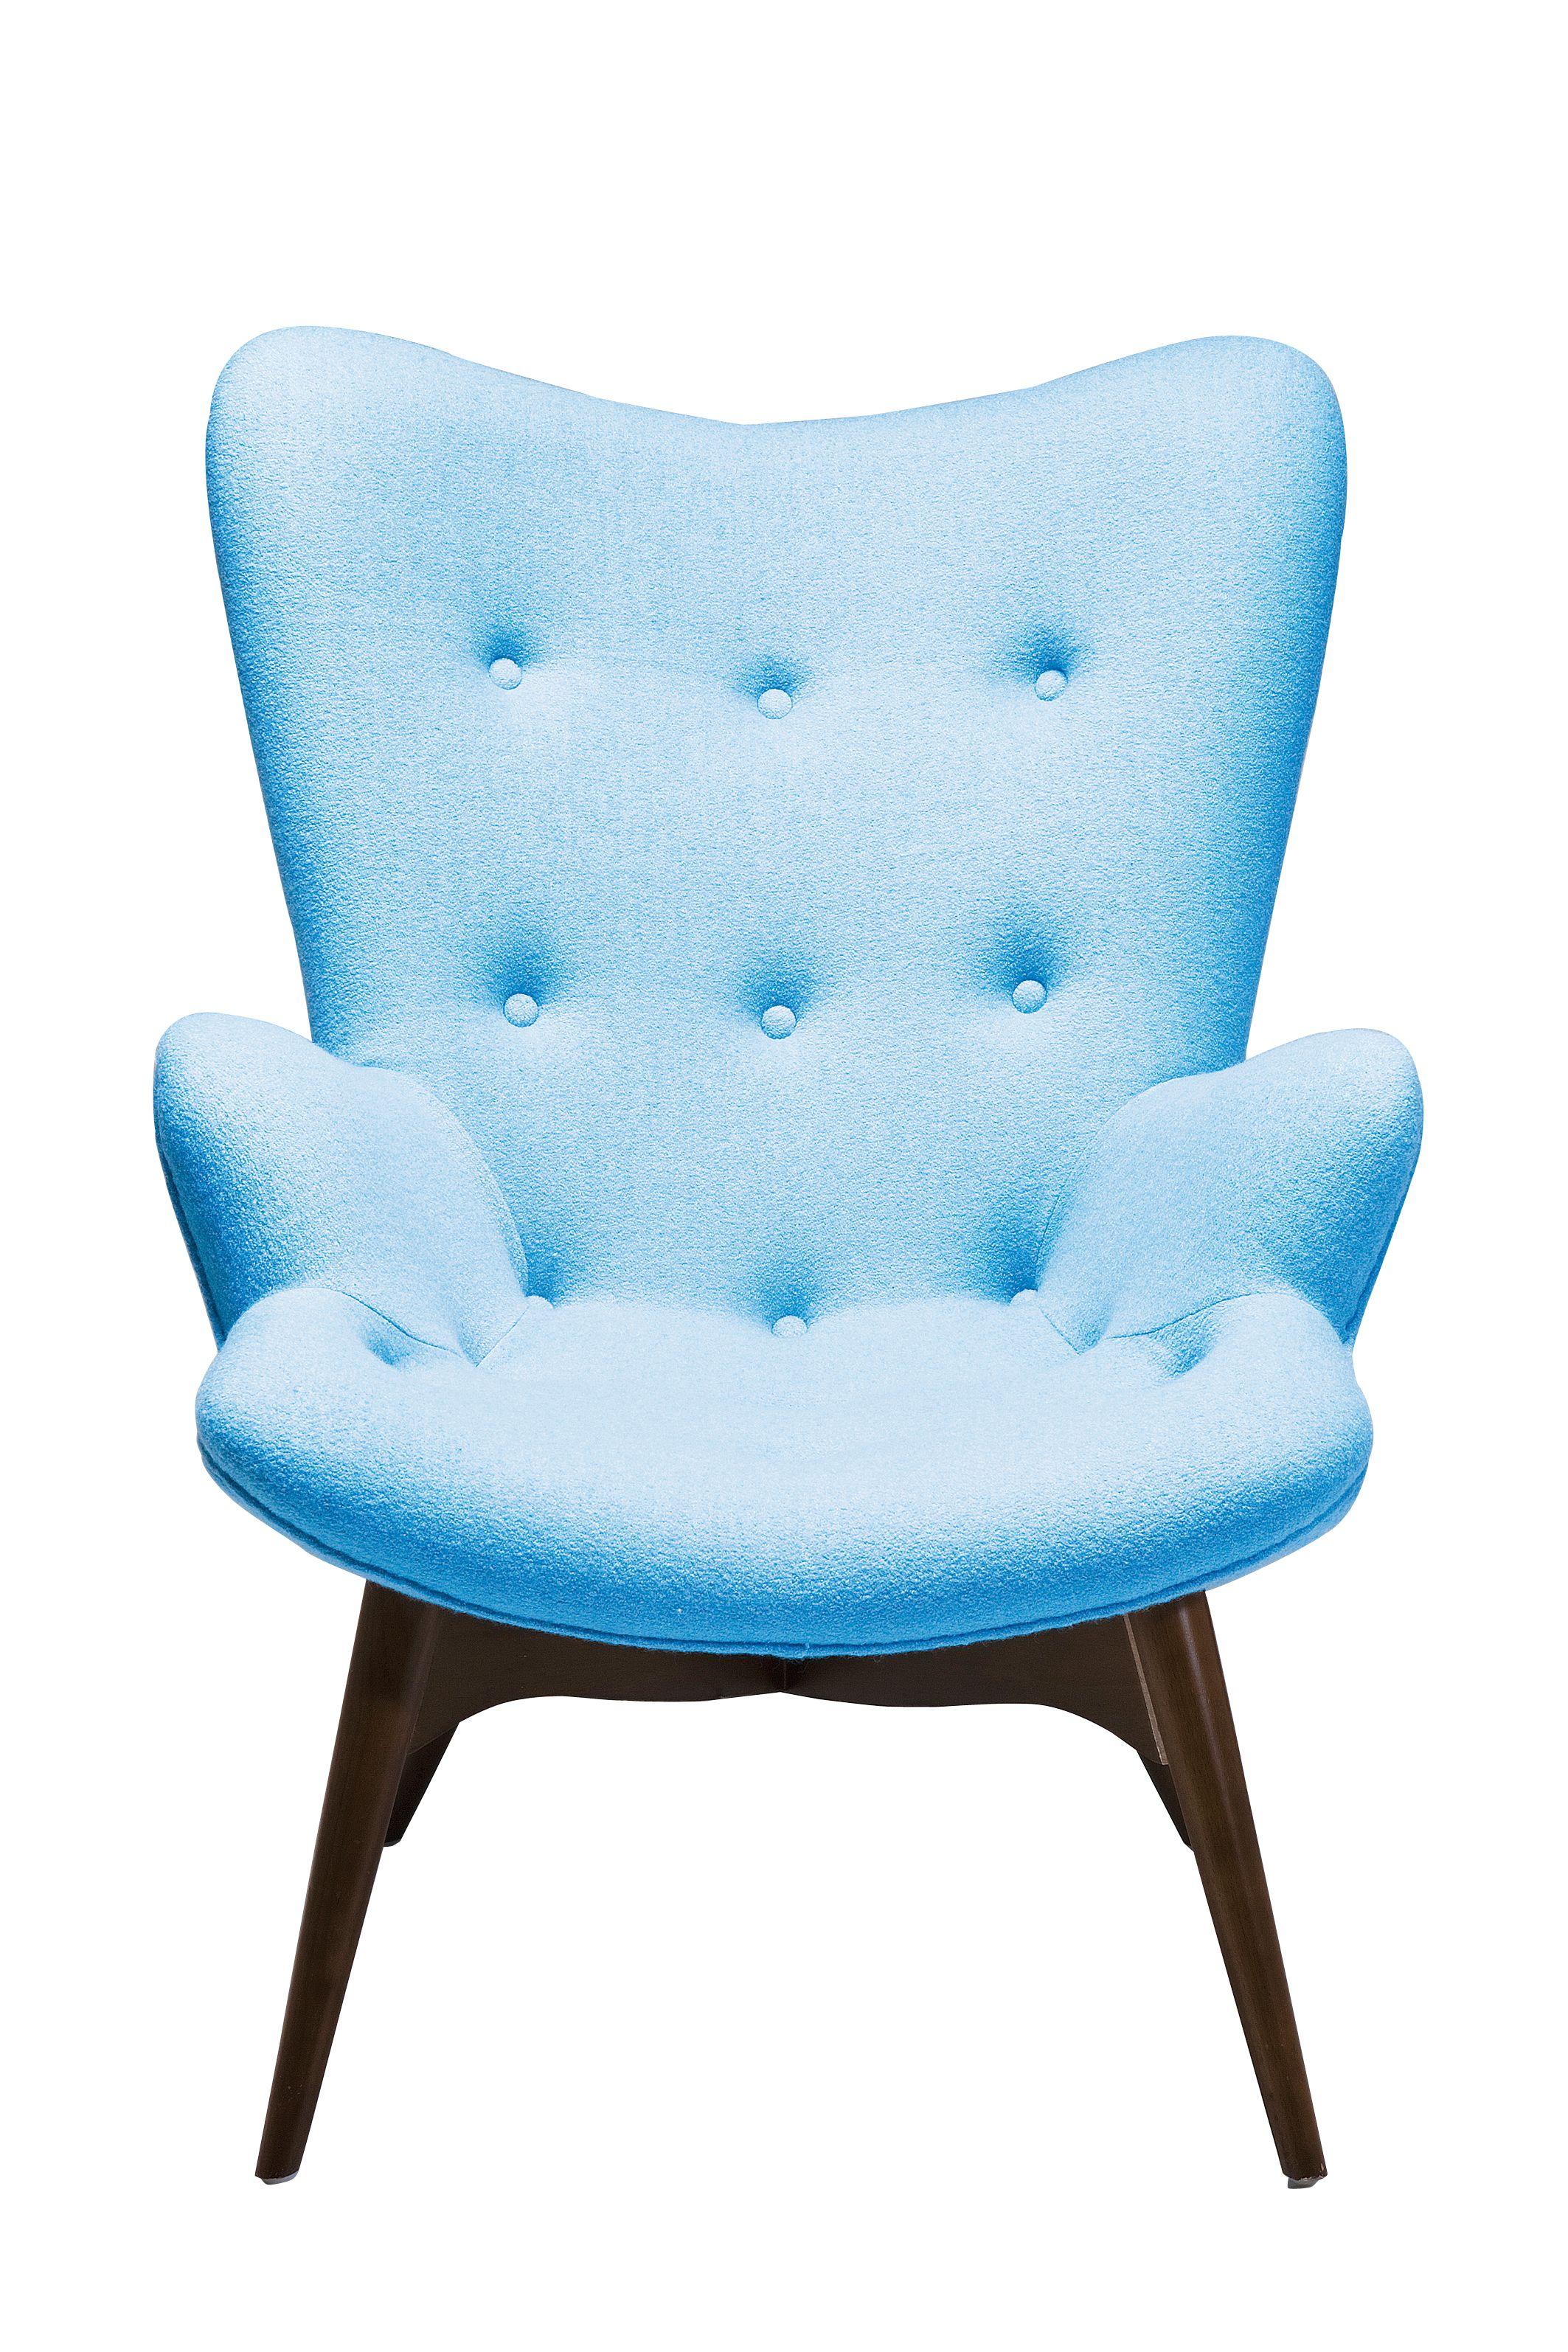 Fabelhaft Ausgefallene Sessel Beste Wahl Ausgefallener In Extravagantem Design. Retro-inspirierte Form, Gestell